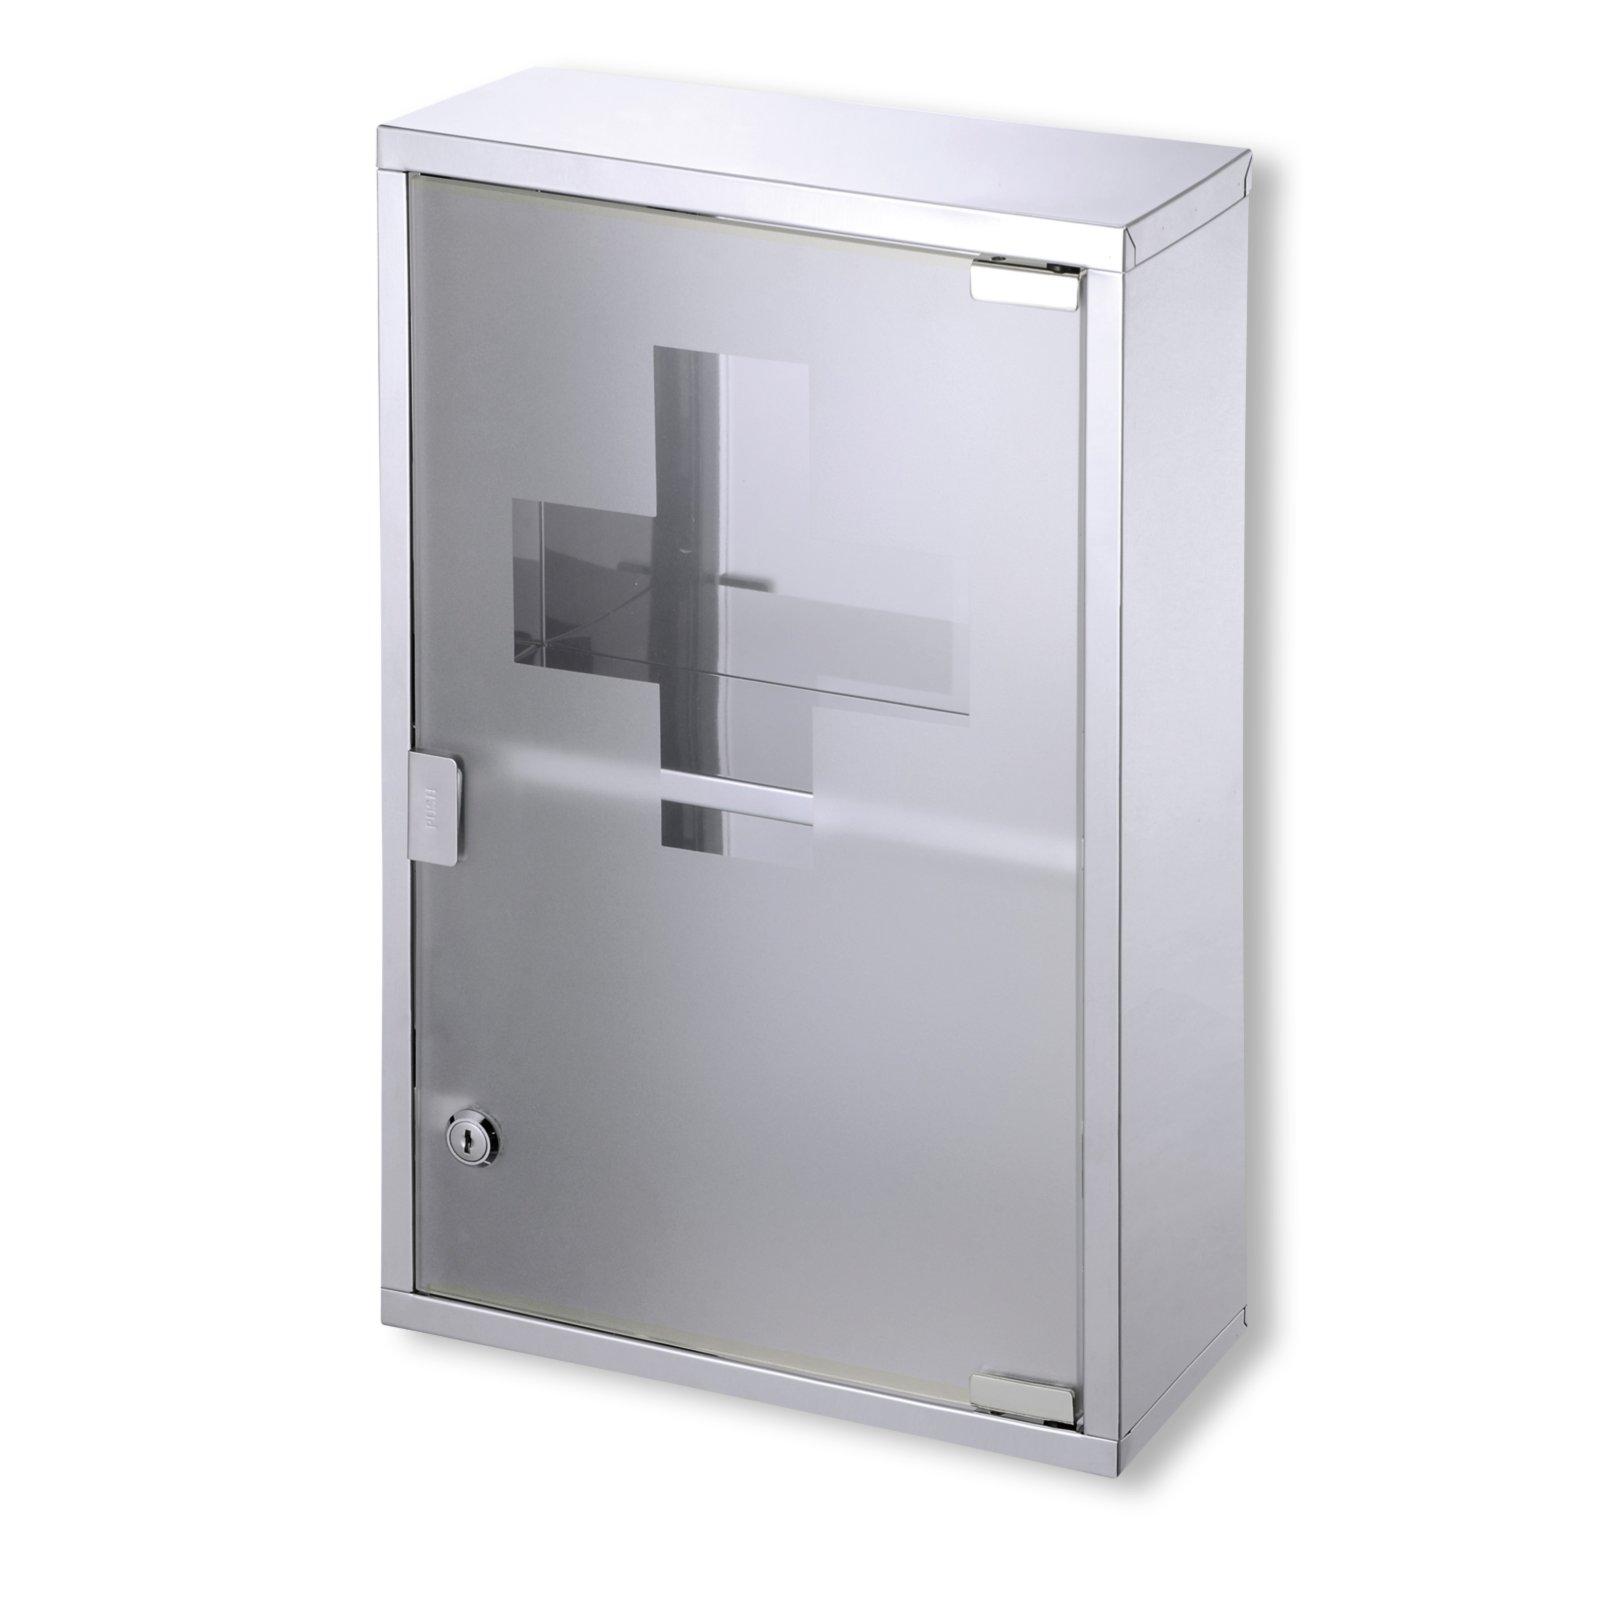 medizinschrank mh3359 metall glast r h ngeschr nke. Black Bedroom Furniture Sets. Home Design Ideas